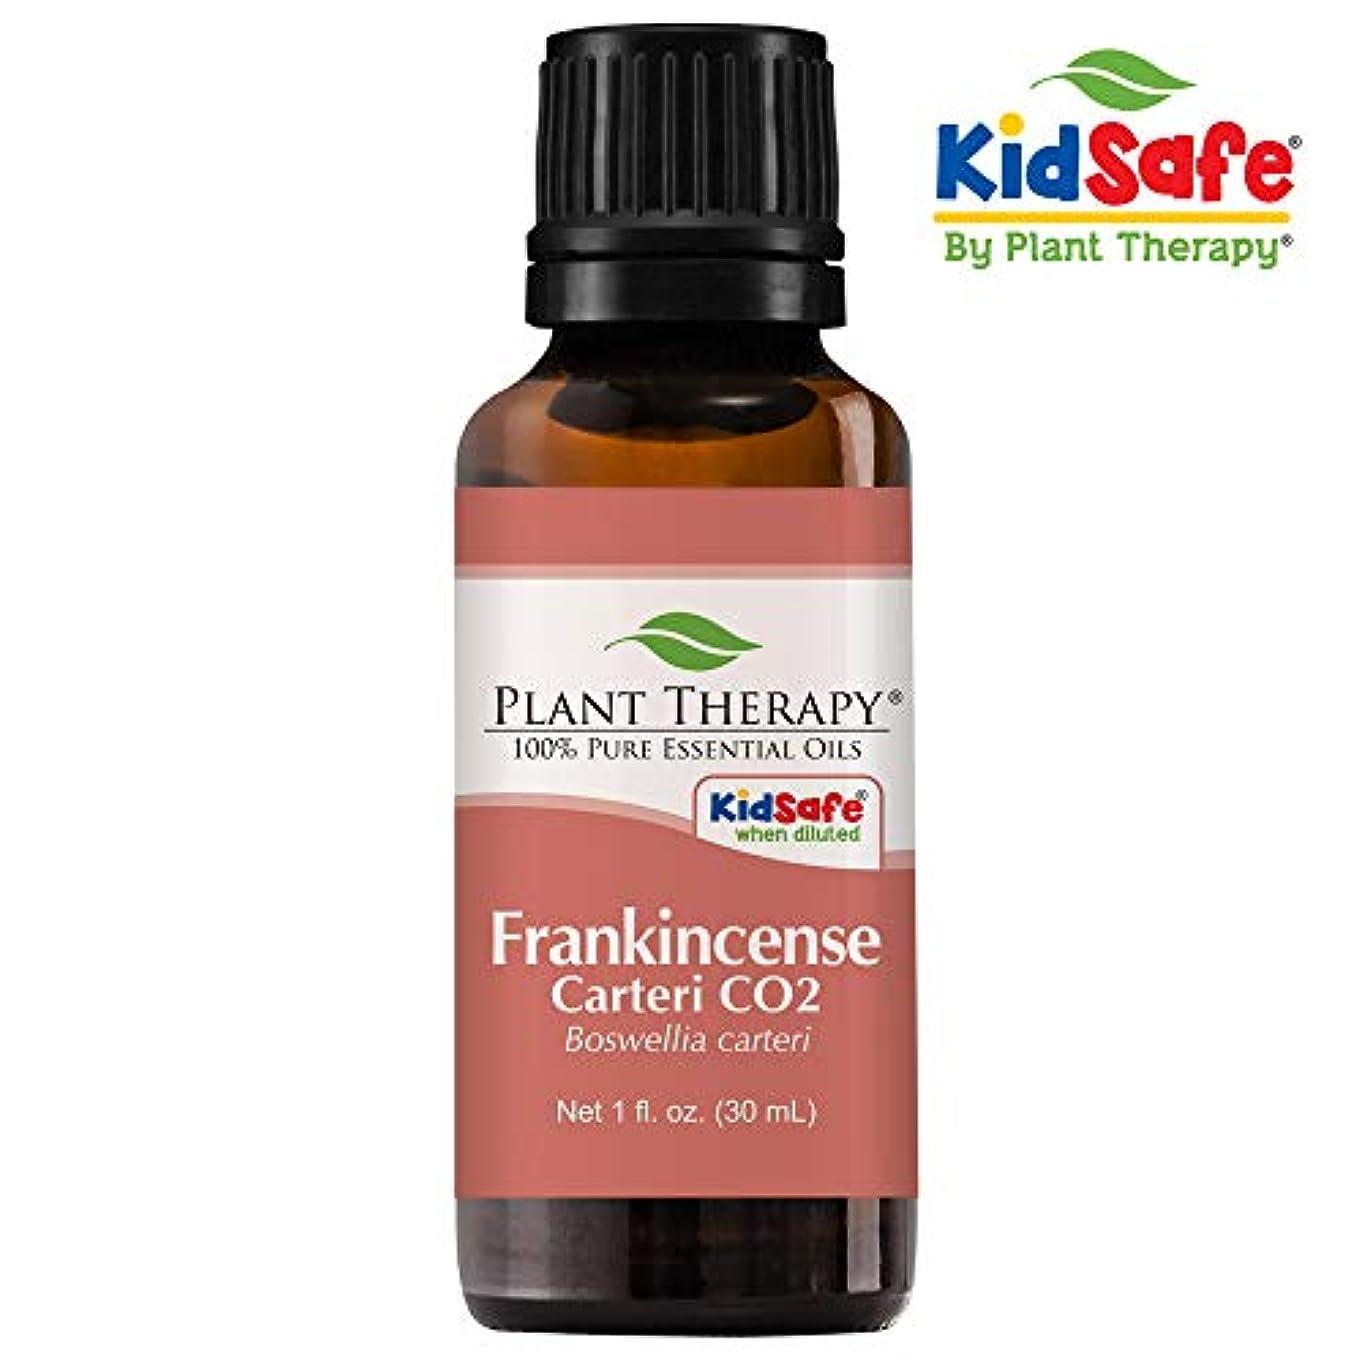 デマンドバッグ繁栄フランキンセンスCarteri CO2 30 mLのエッセンシャルオイル100%ピュア、治療グレード